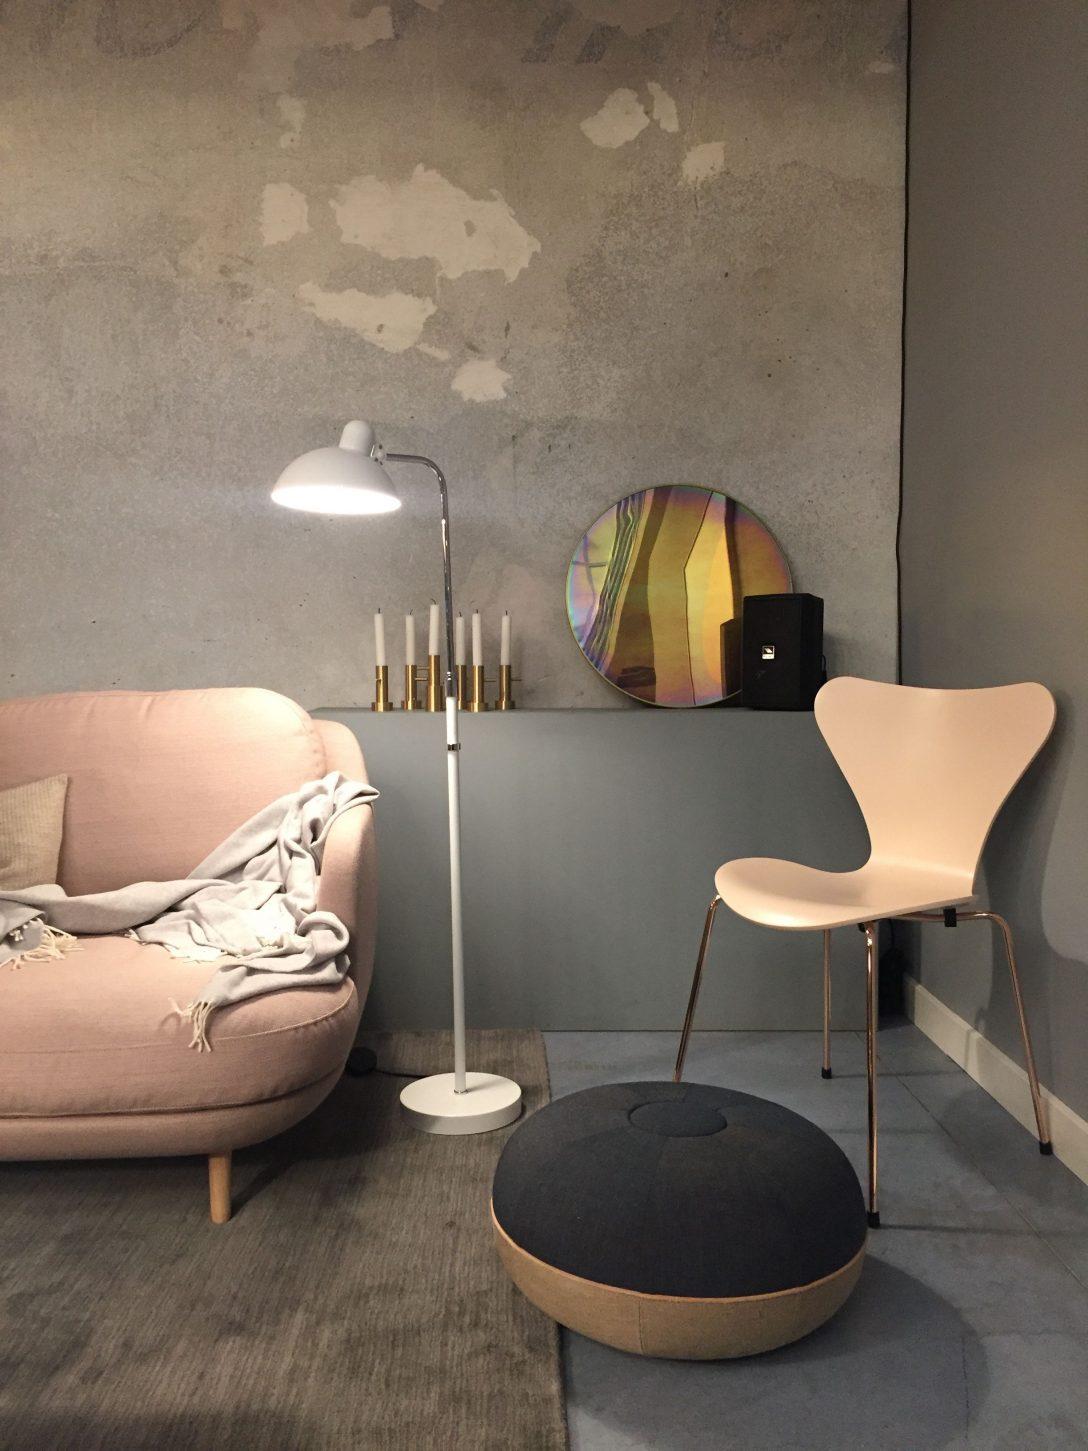 Full Size of Ikea Wohnzimmer Lampen Toom Baumarkt Designer Selber Bauen Sofa Mit Schlaffunktion Küche Kosten Betten 160x200 Bei Kaufen Modulküche Miniküche Wohnzimmer Wohnzimmerlampen Ikea